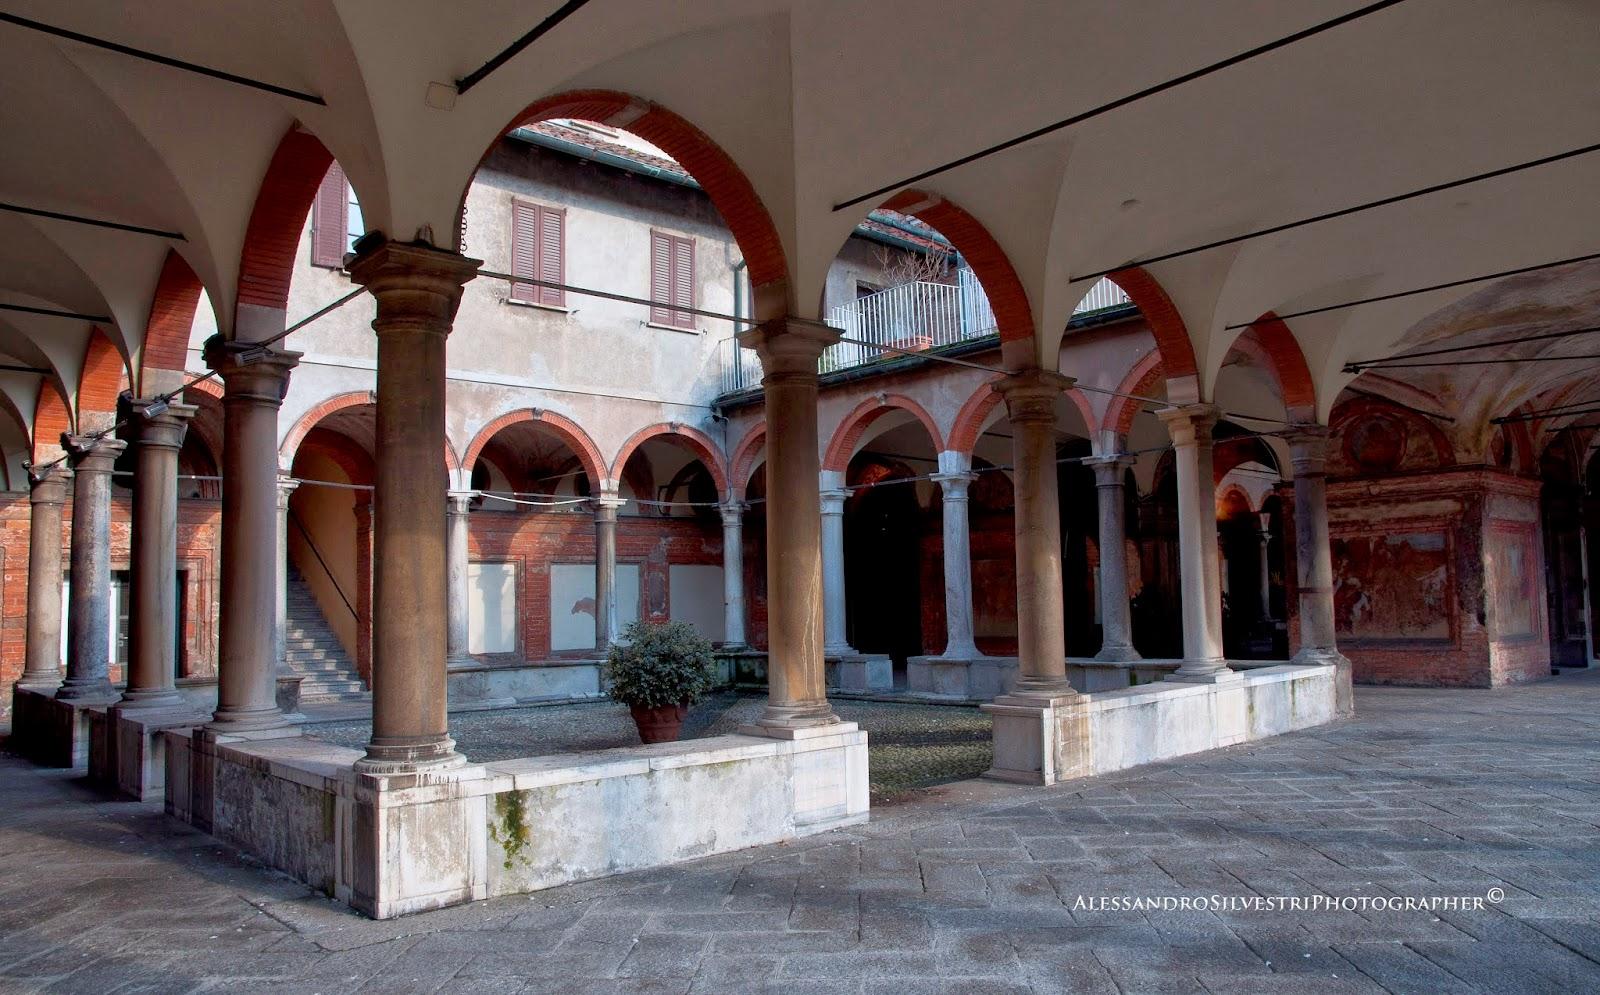 scoprire le bellezze di Milano: Bramante, opere curiosità e luoghi da scoprire